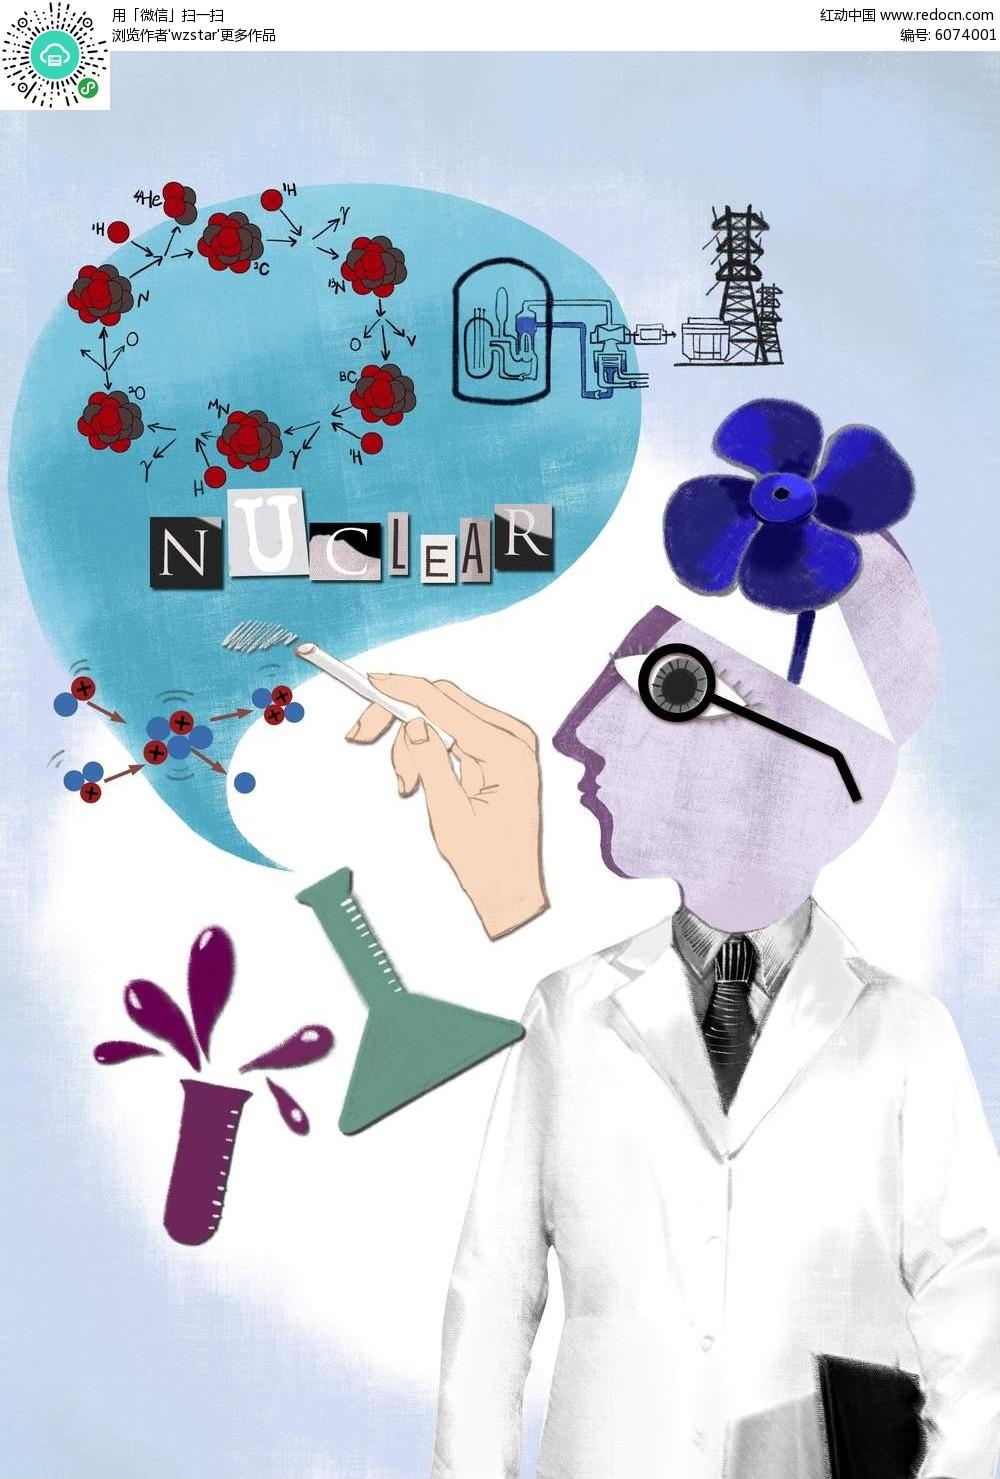 科学实验卡通海报背景素材